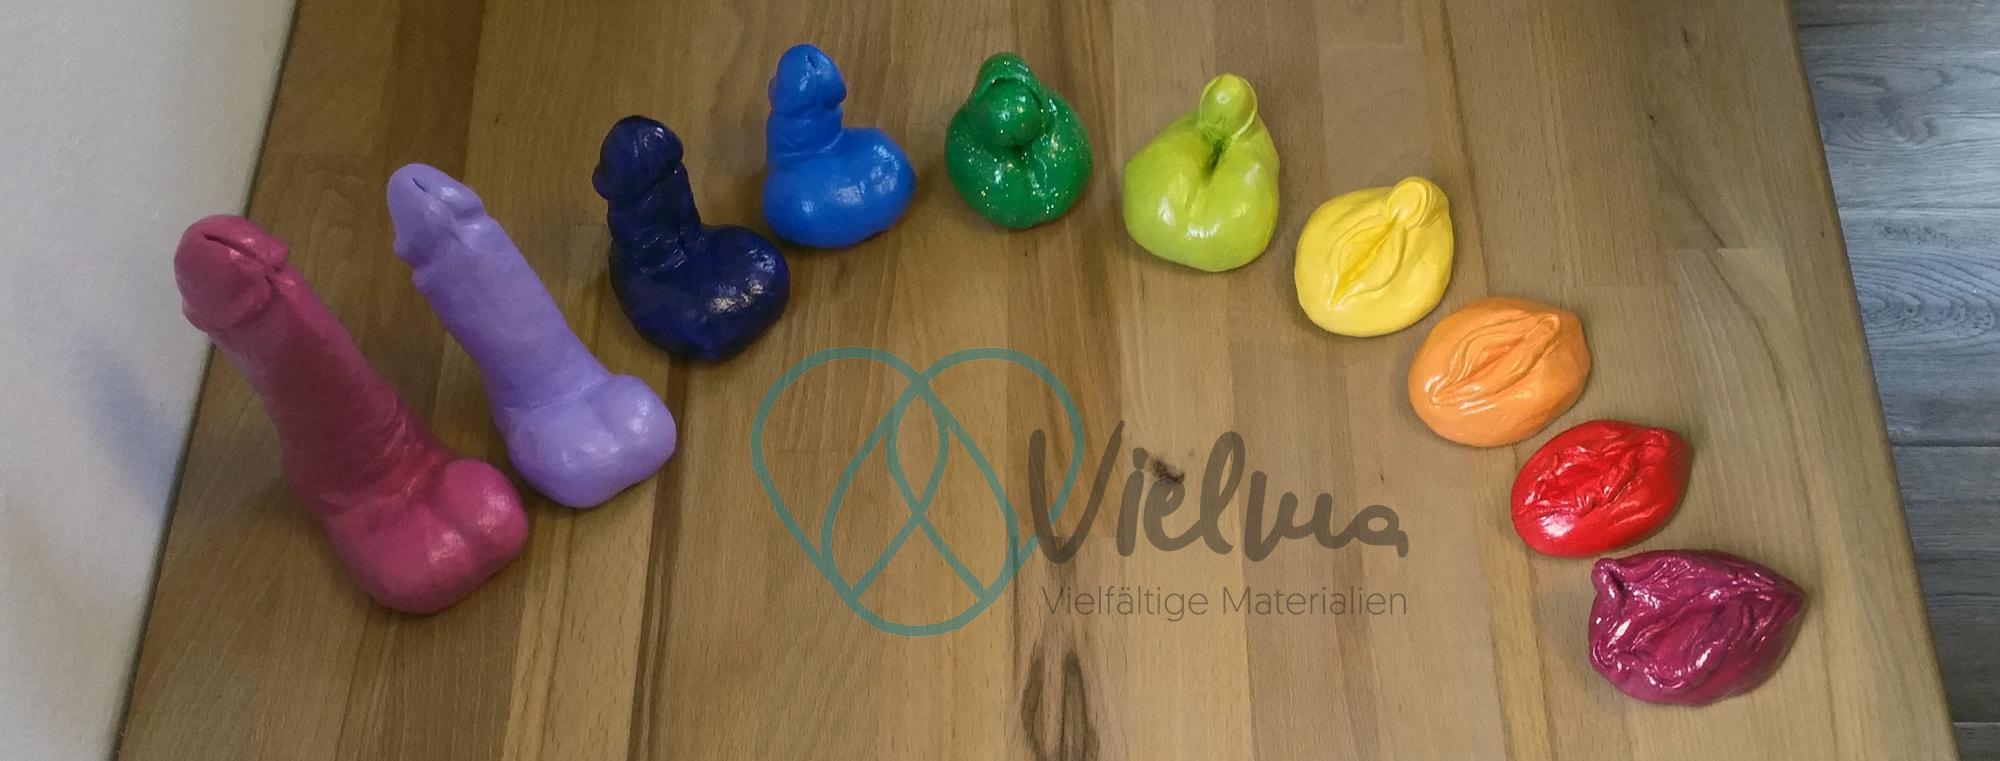 Vielma Art: www.vielma.at